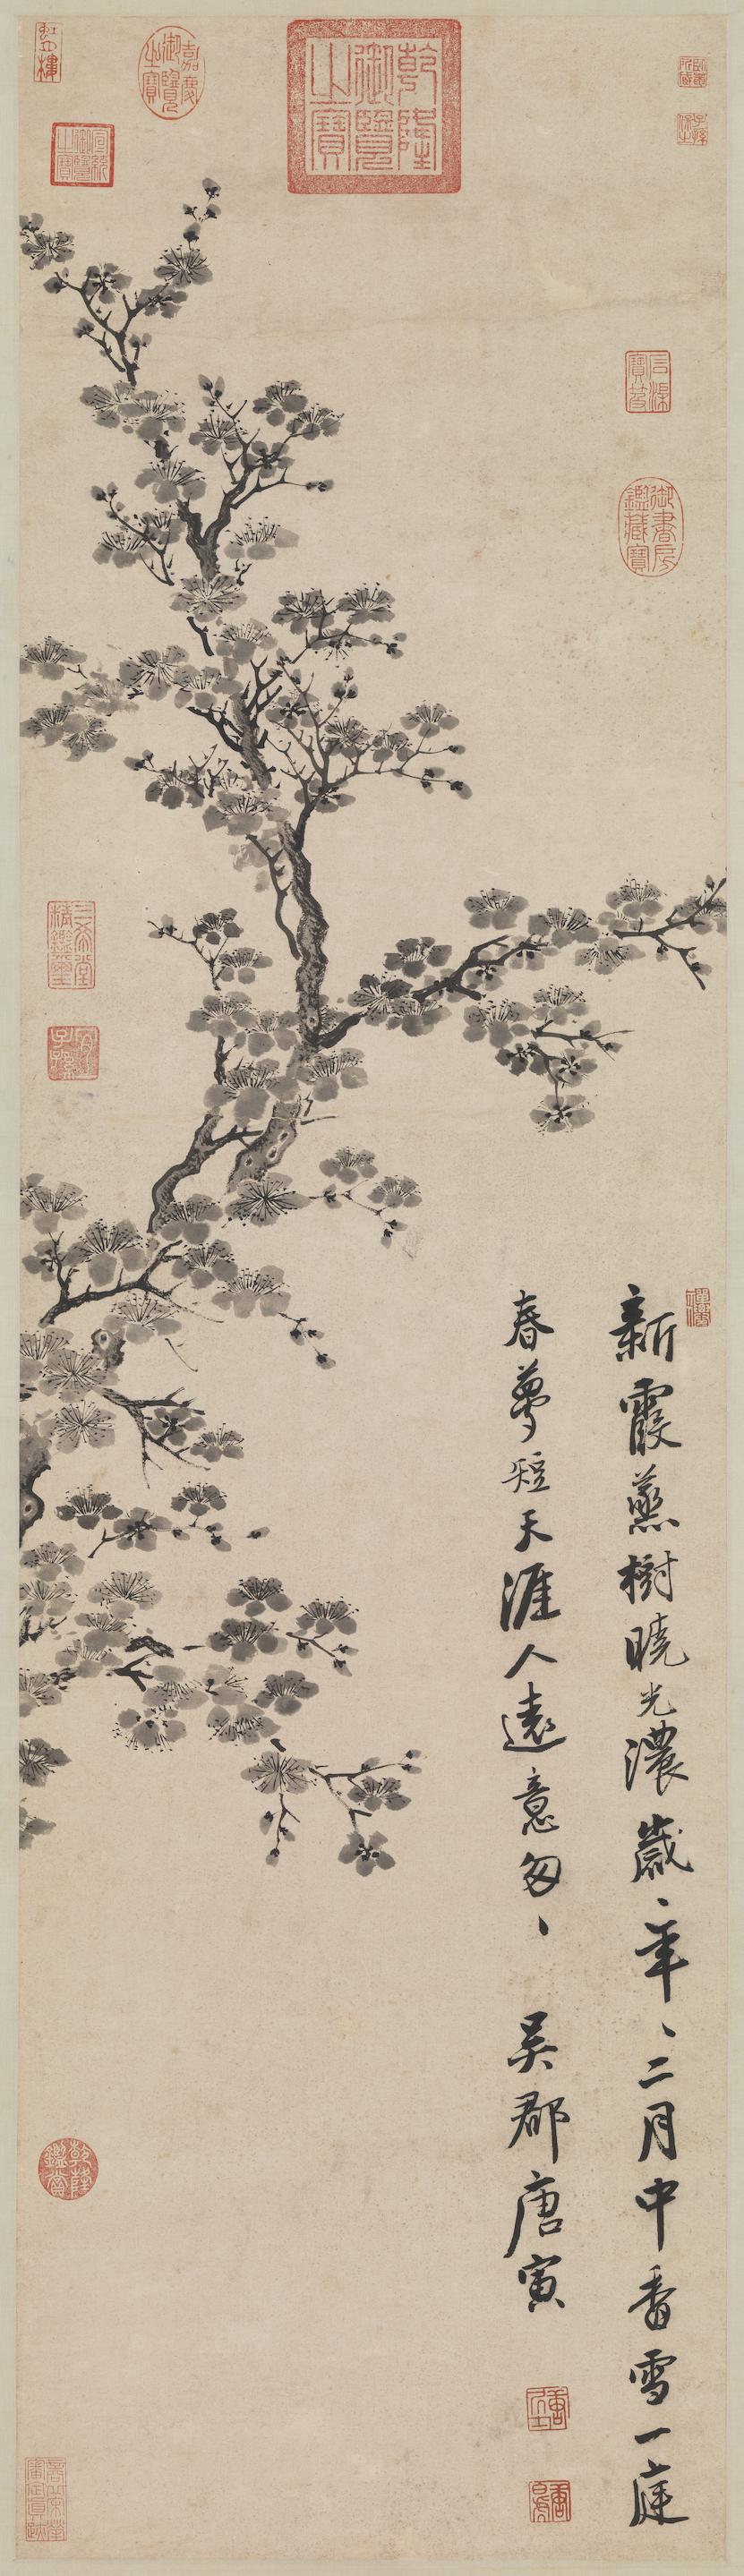 明唐寅《杏花图》台北故宫博物院藏